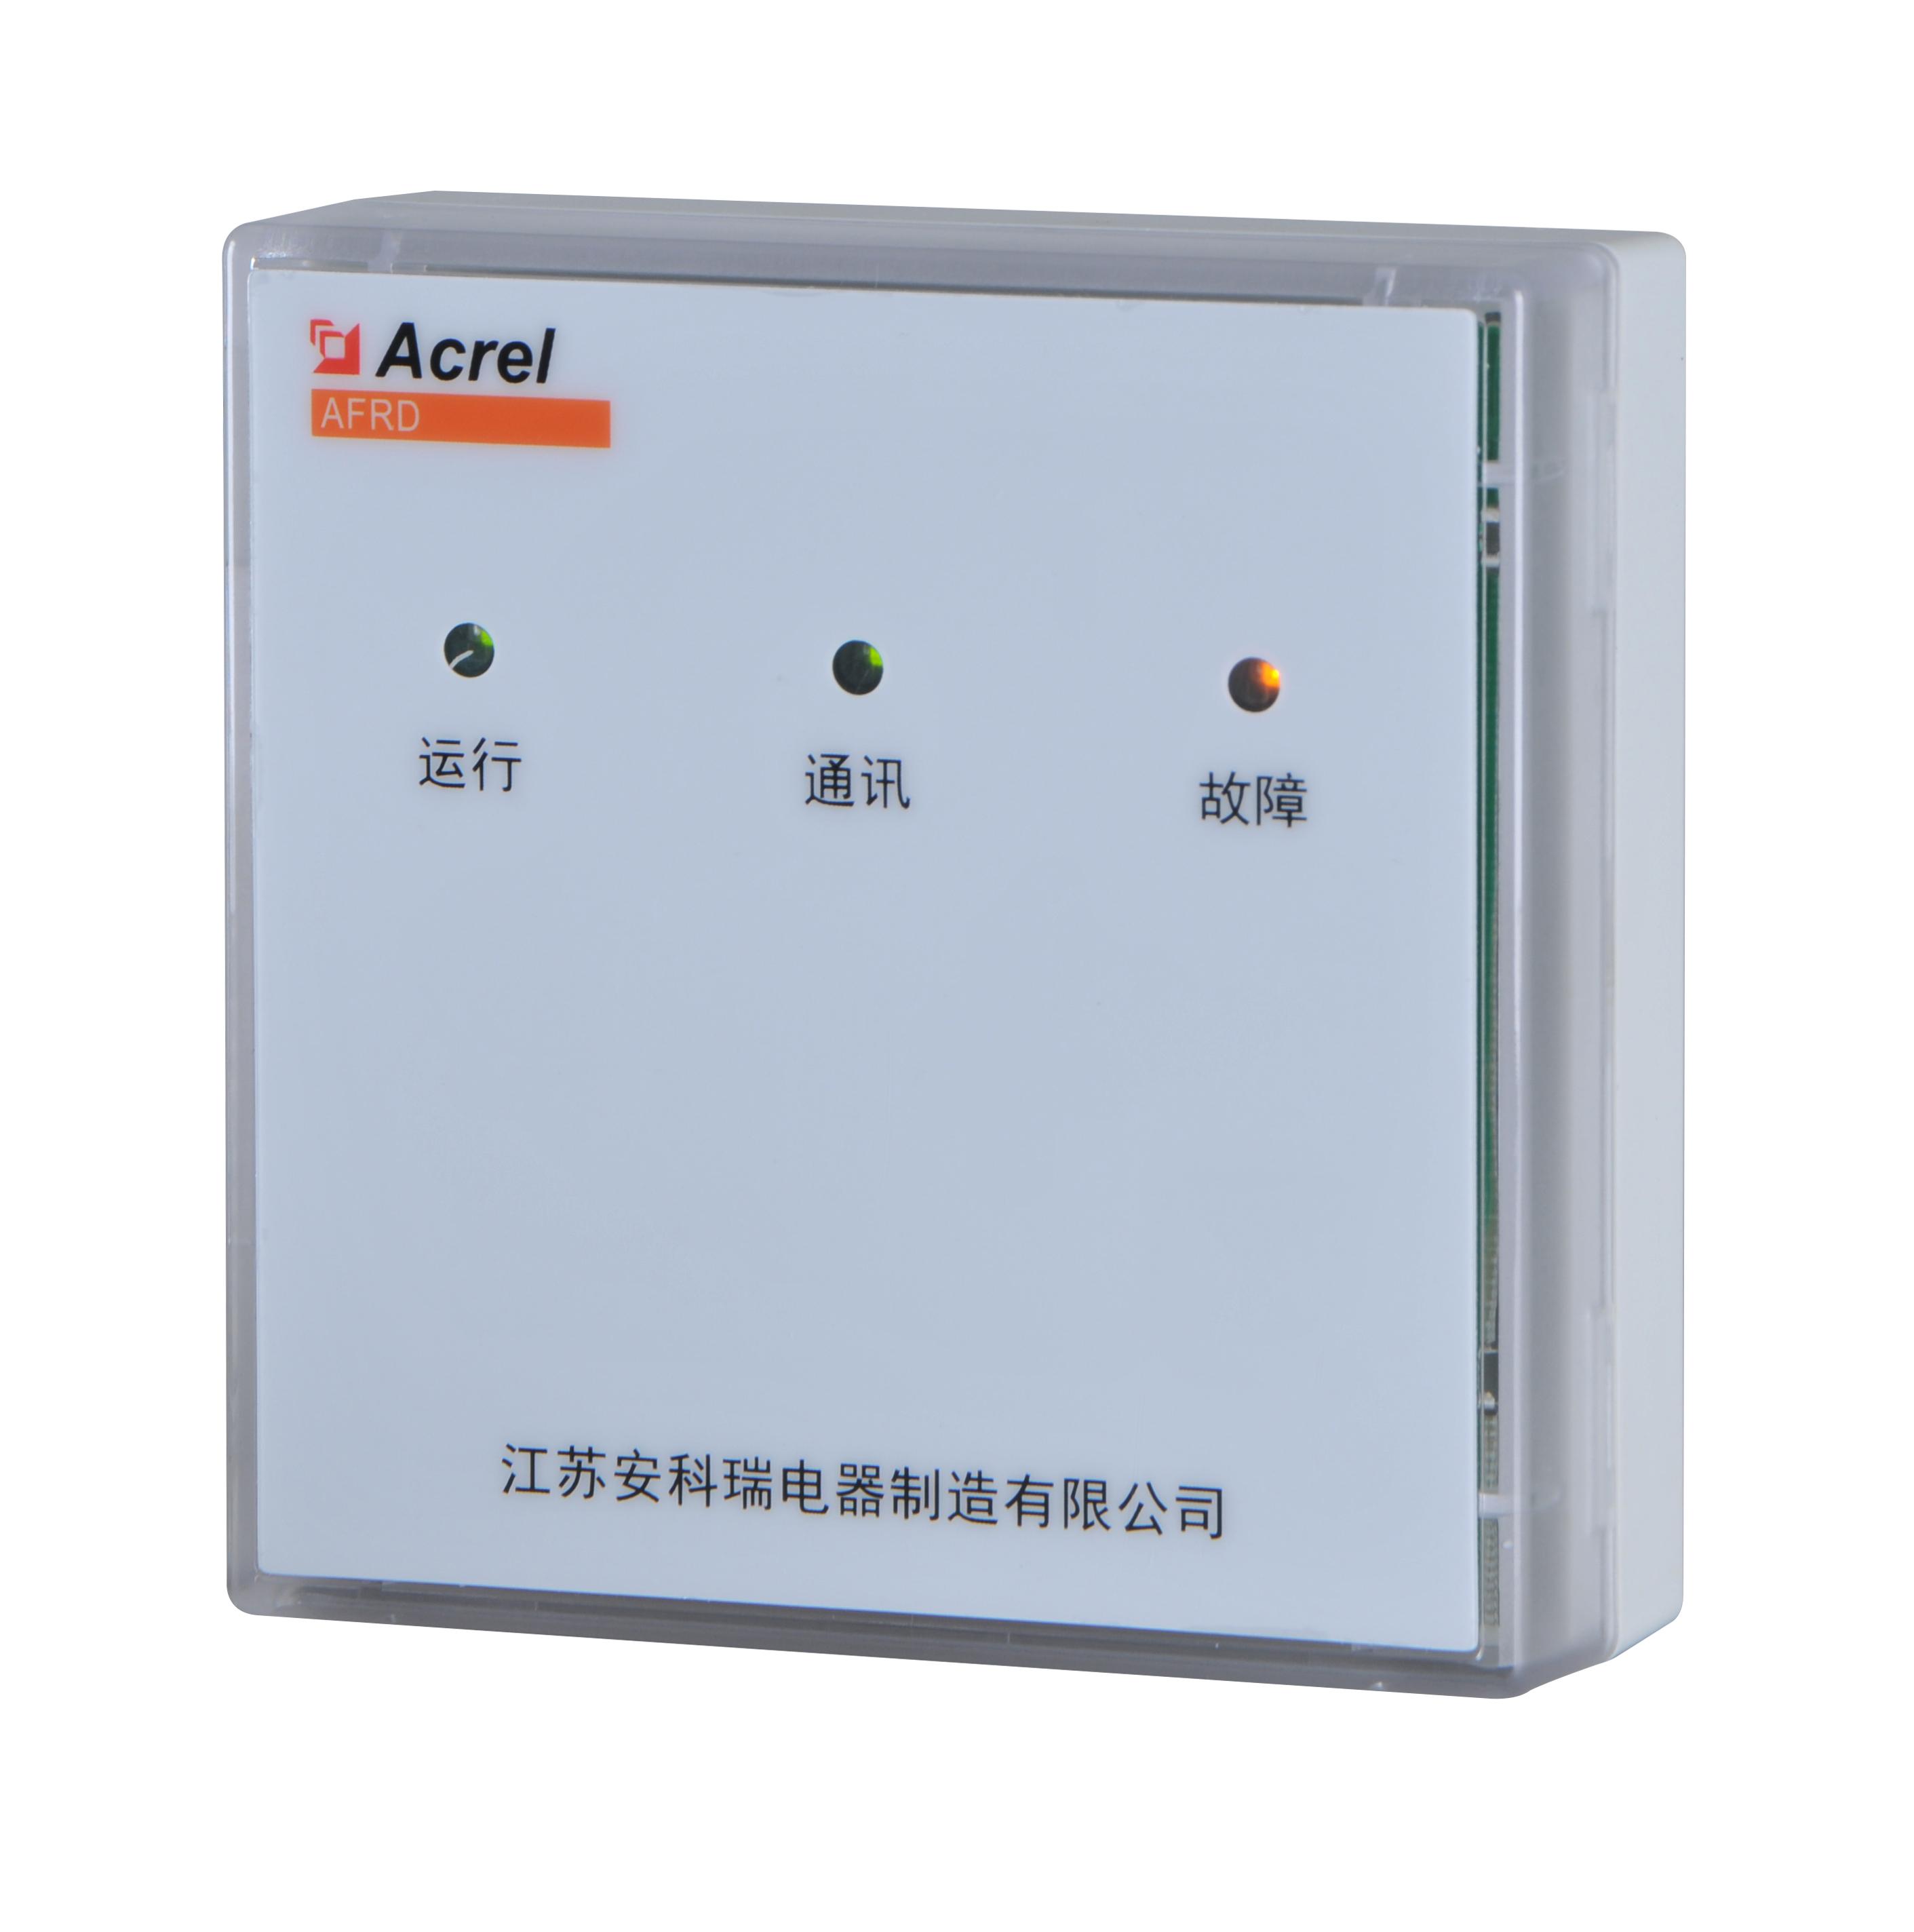 安科瑞防火门监控AFRD-CK2双扇防火门常开监控模块